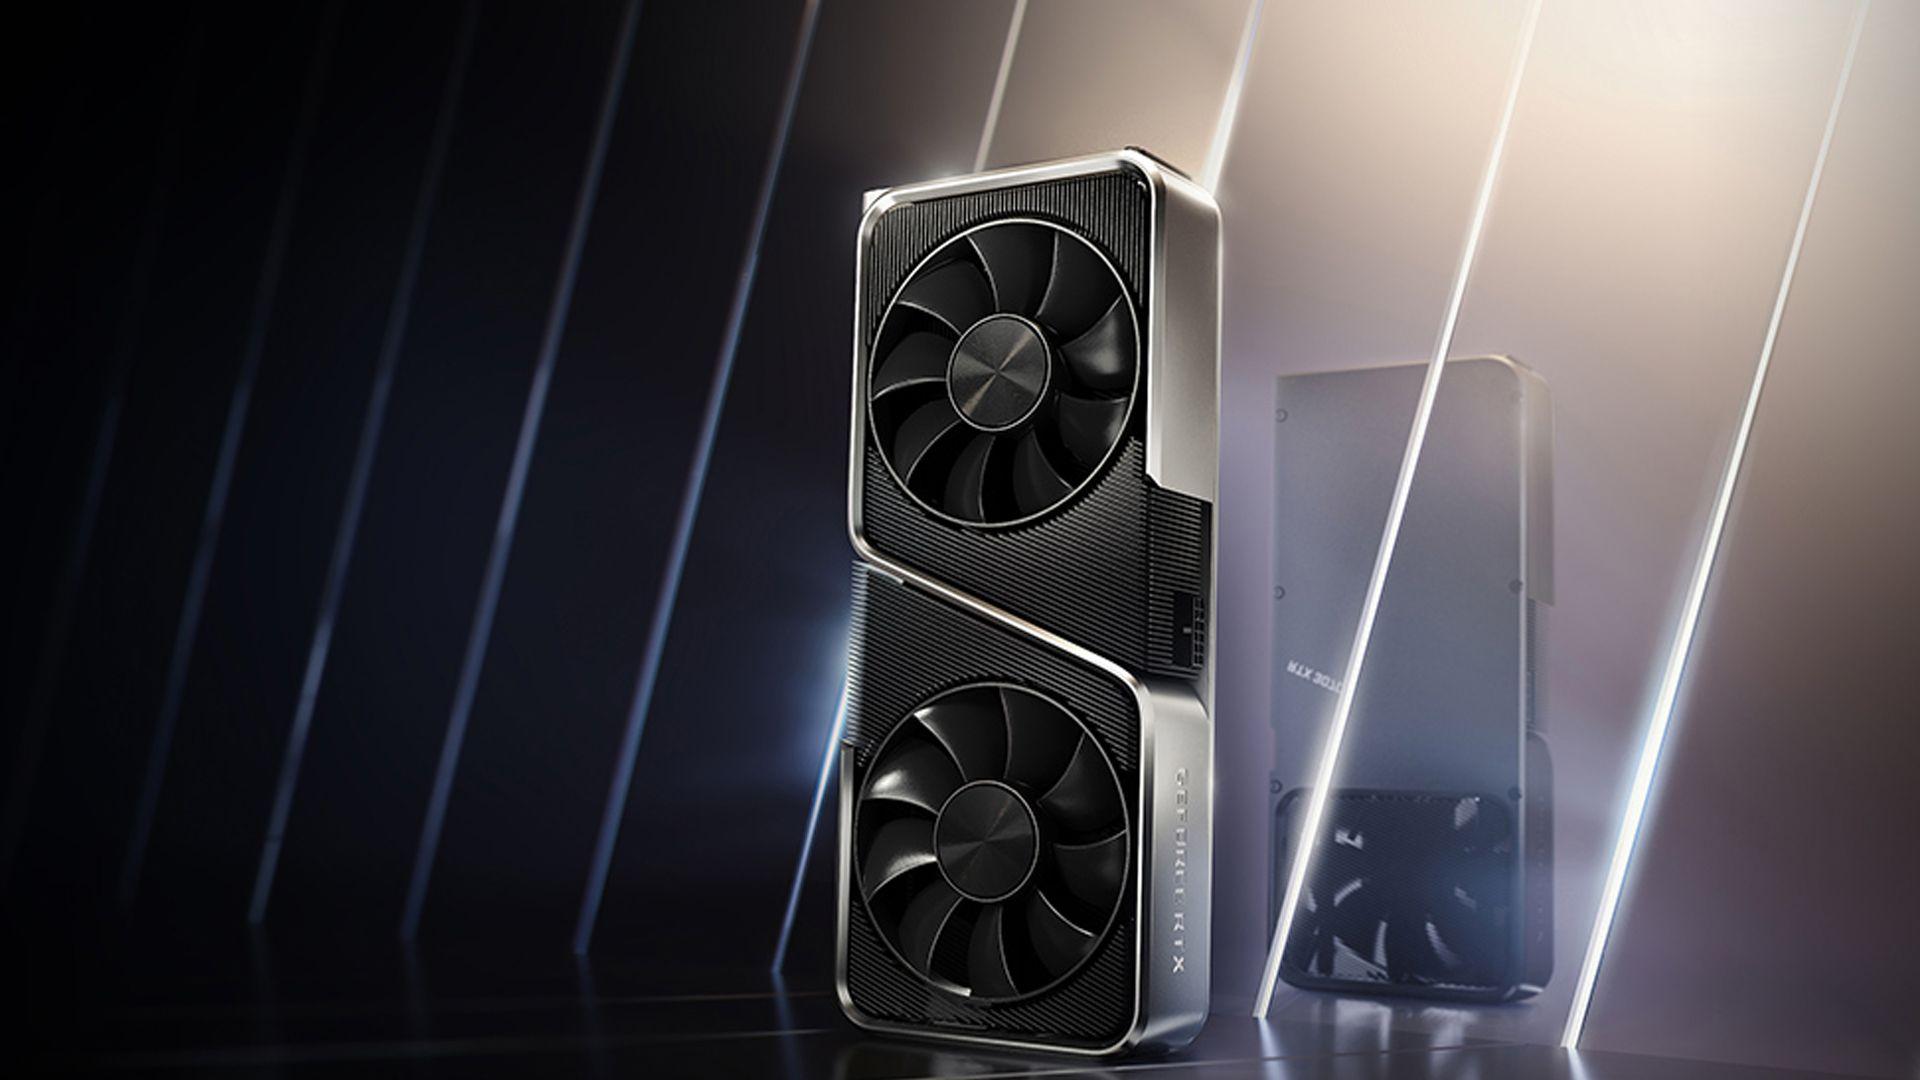 ظهور إصدارات جديدة من Radeon RX 6800 وRTX 3060 مع 8 جيجابايت VRAM